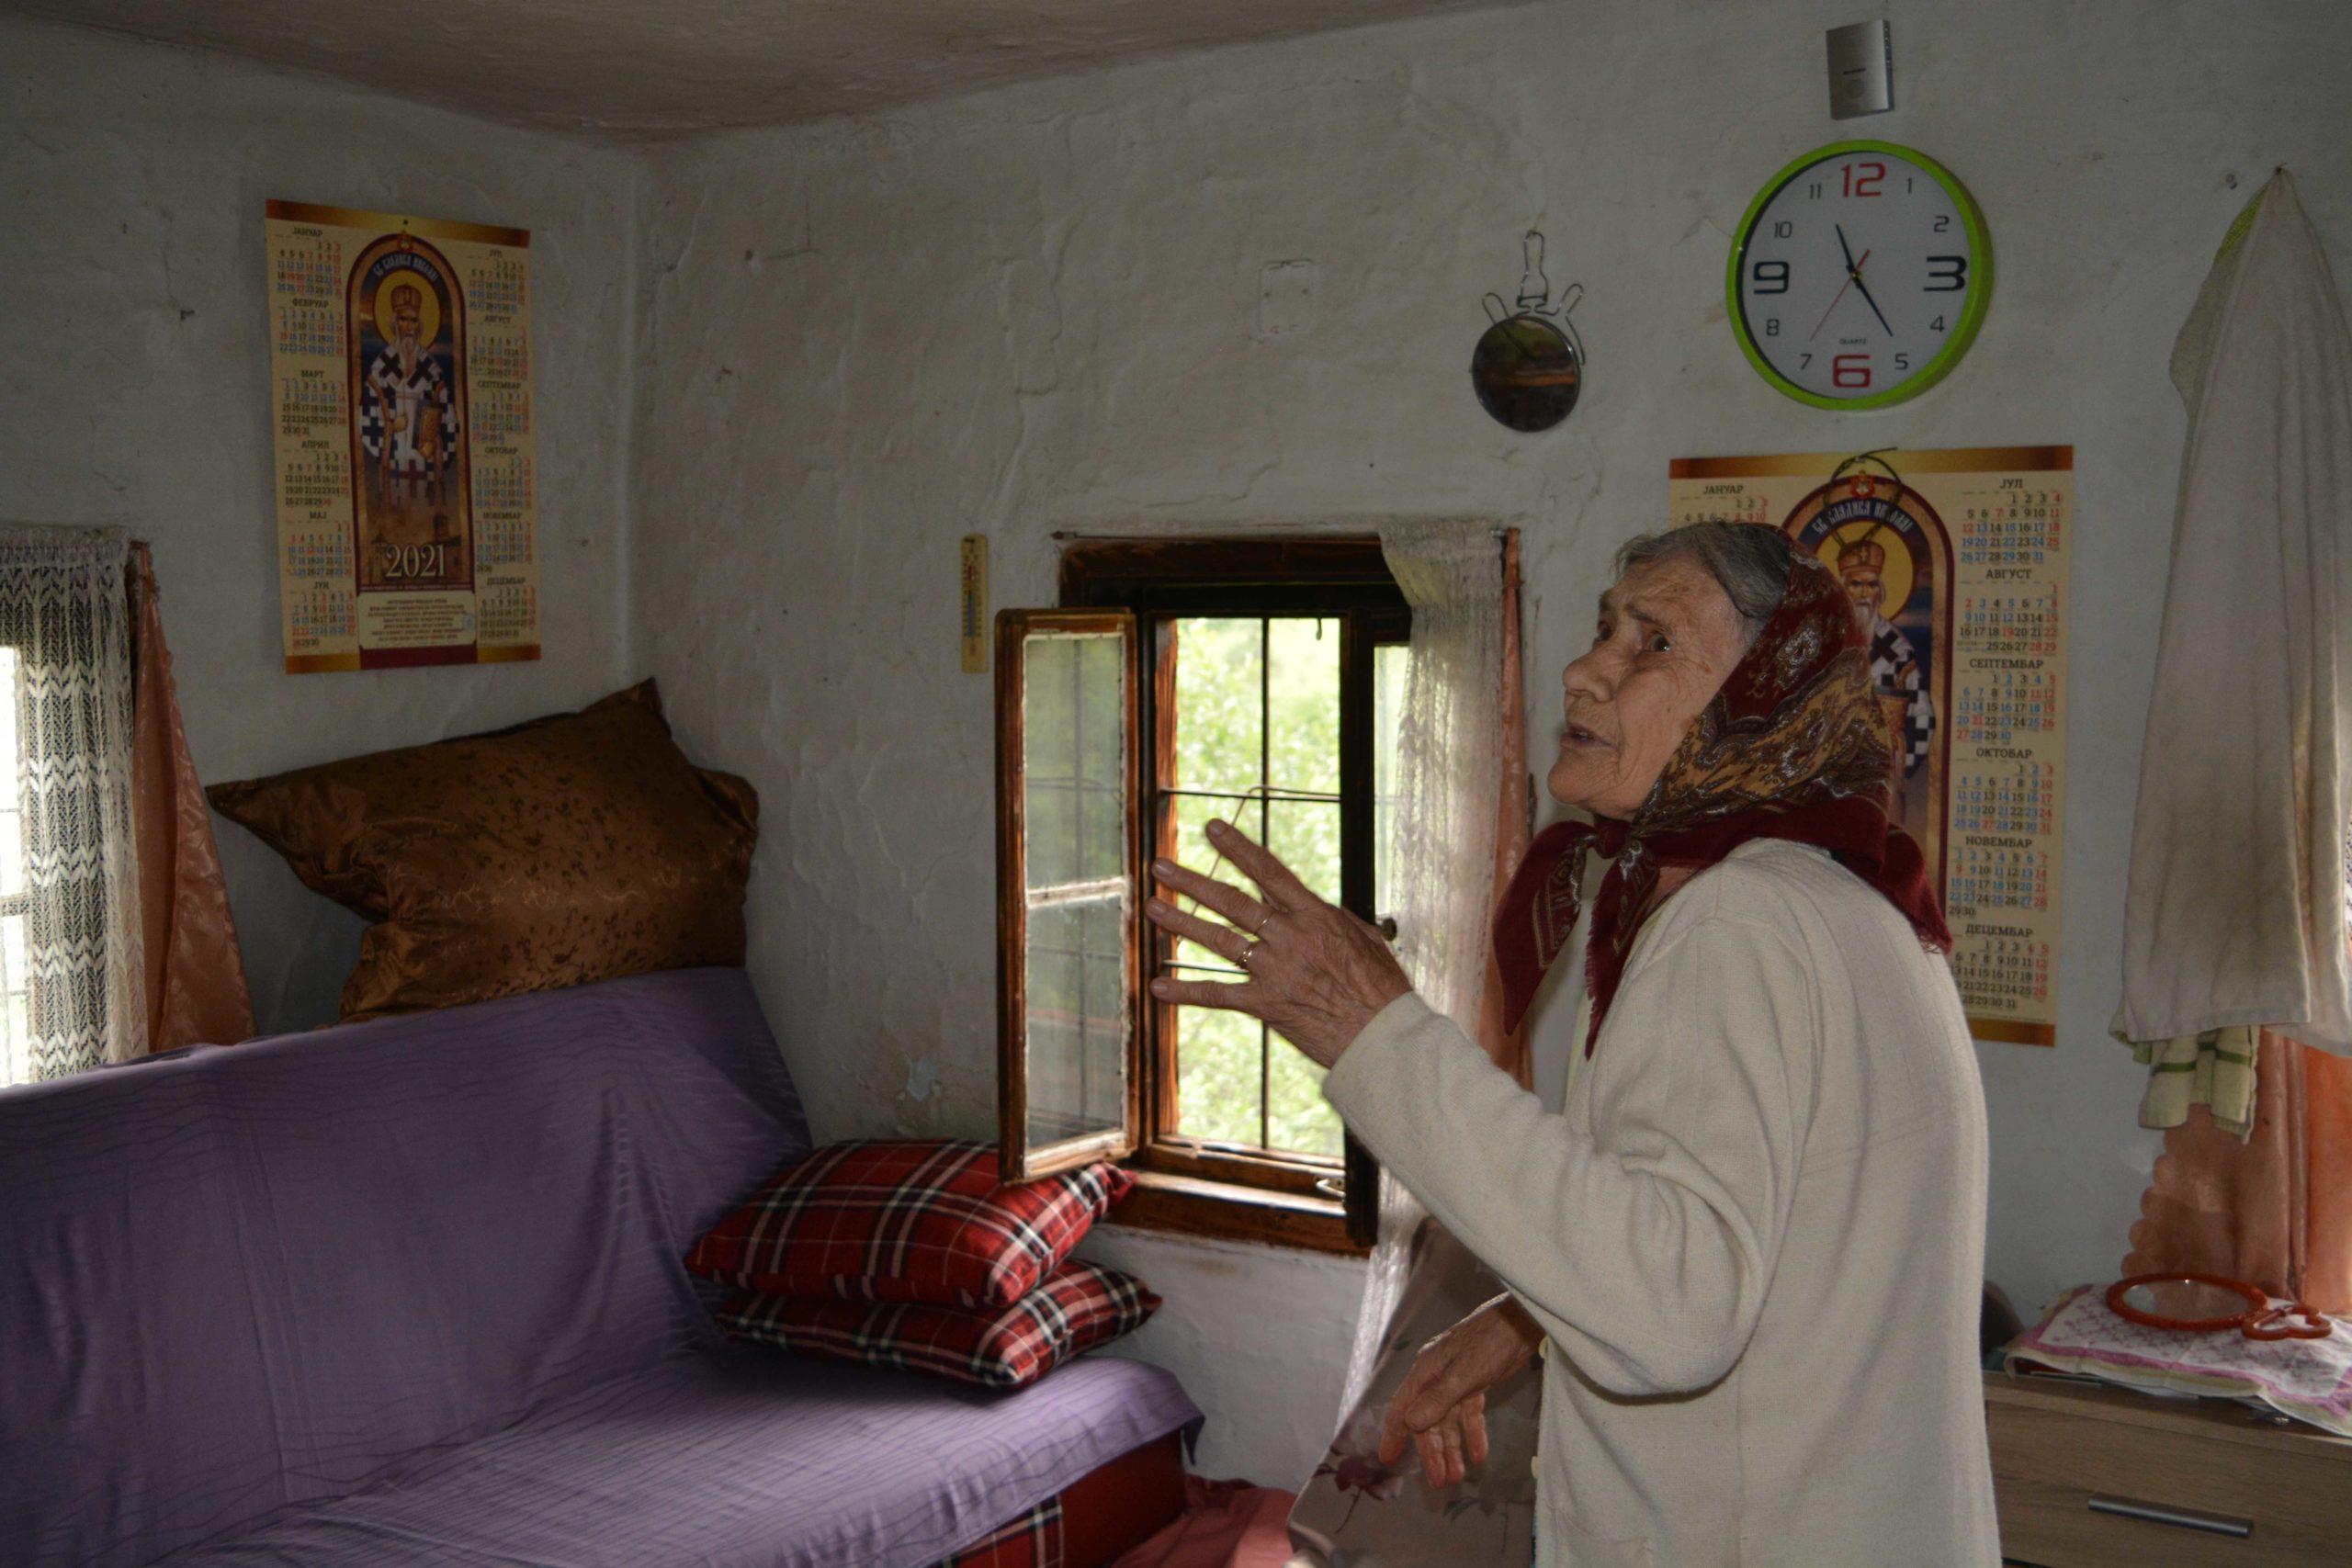 FOTO: Željko Božić/Ustupljena fotografija